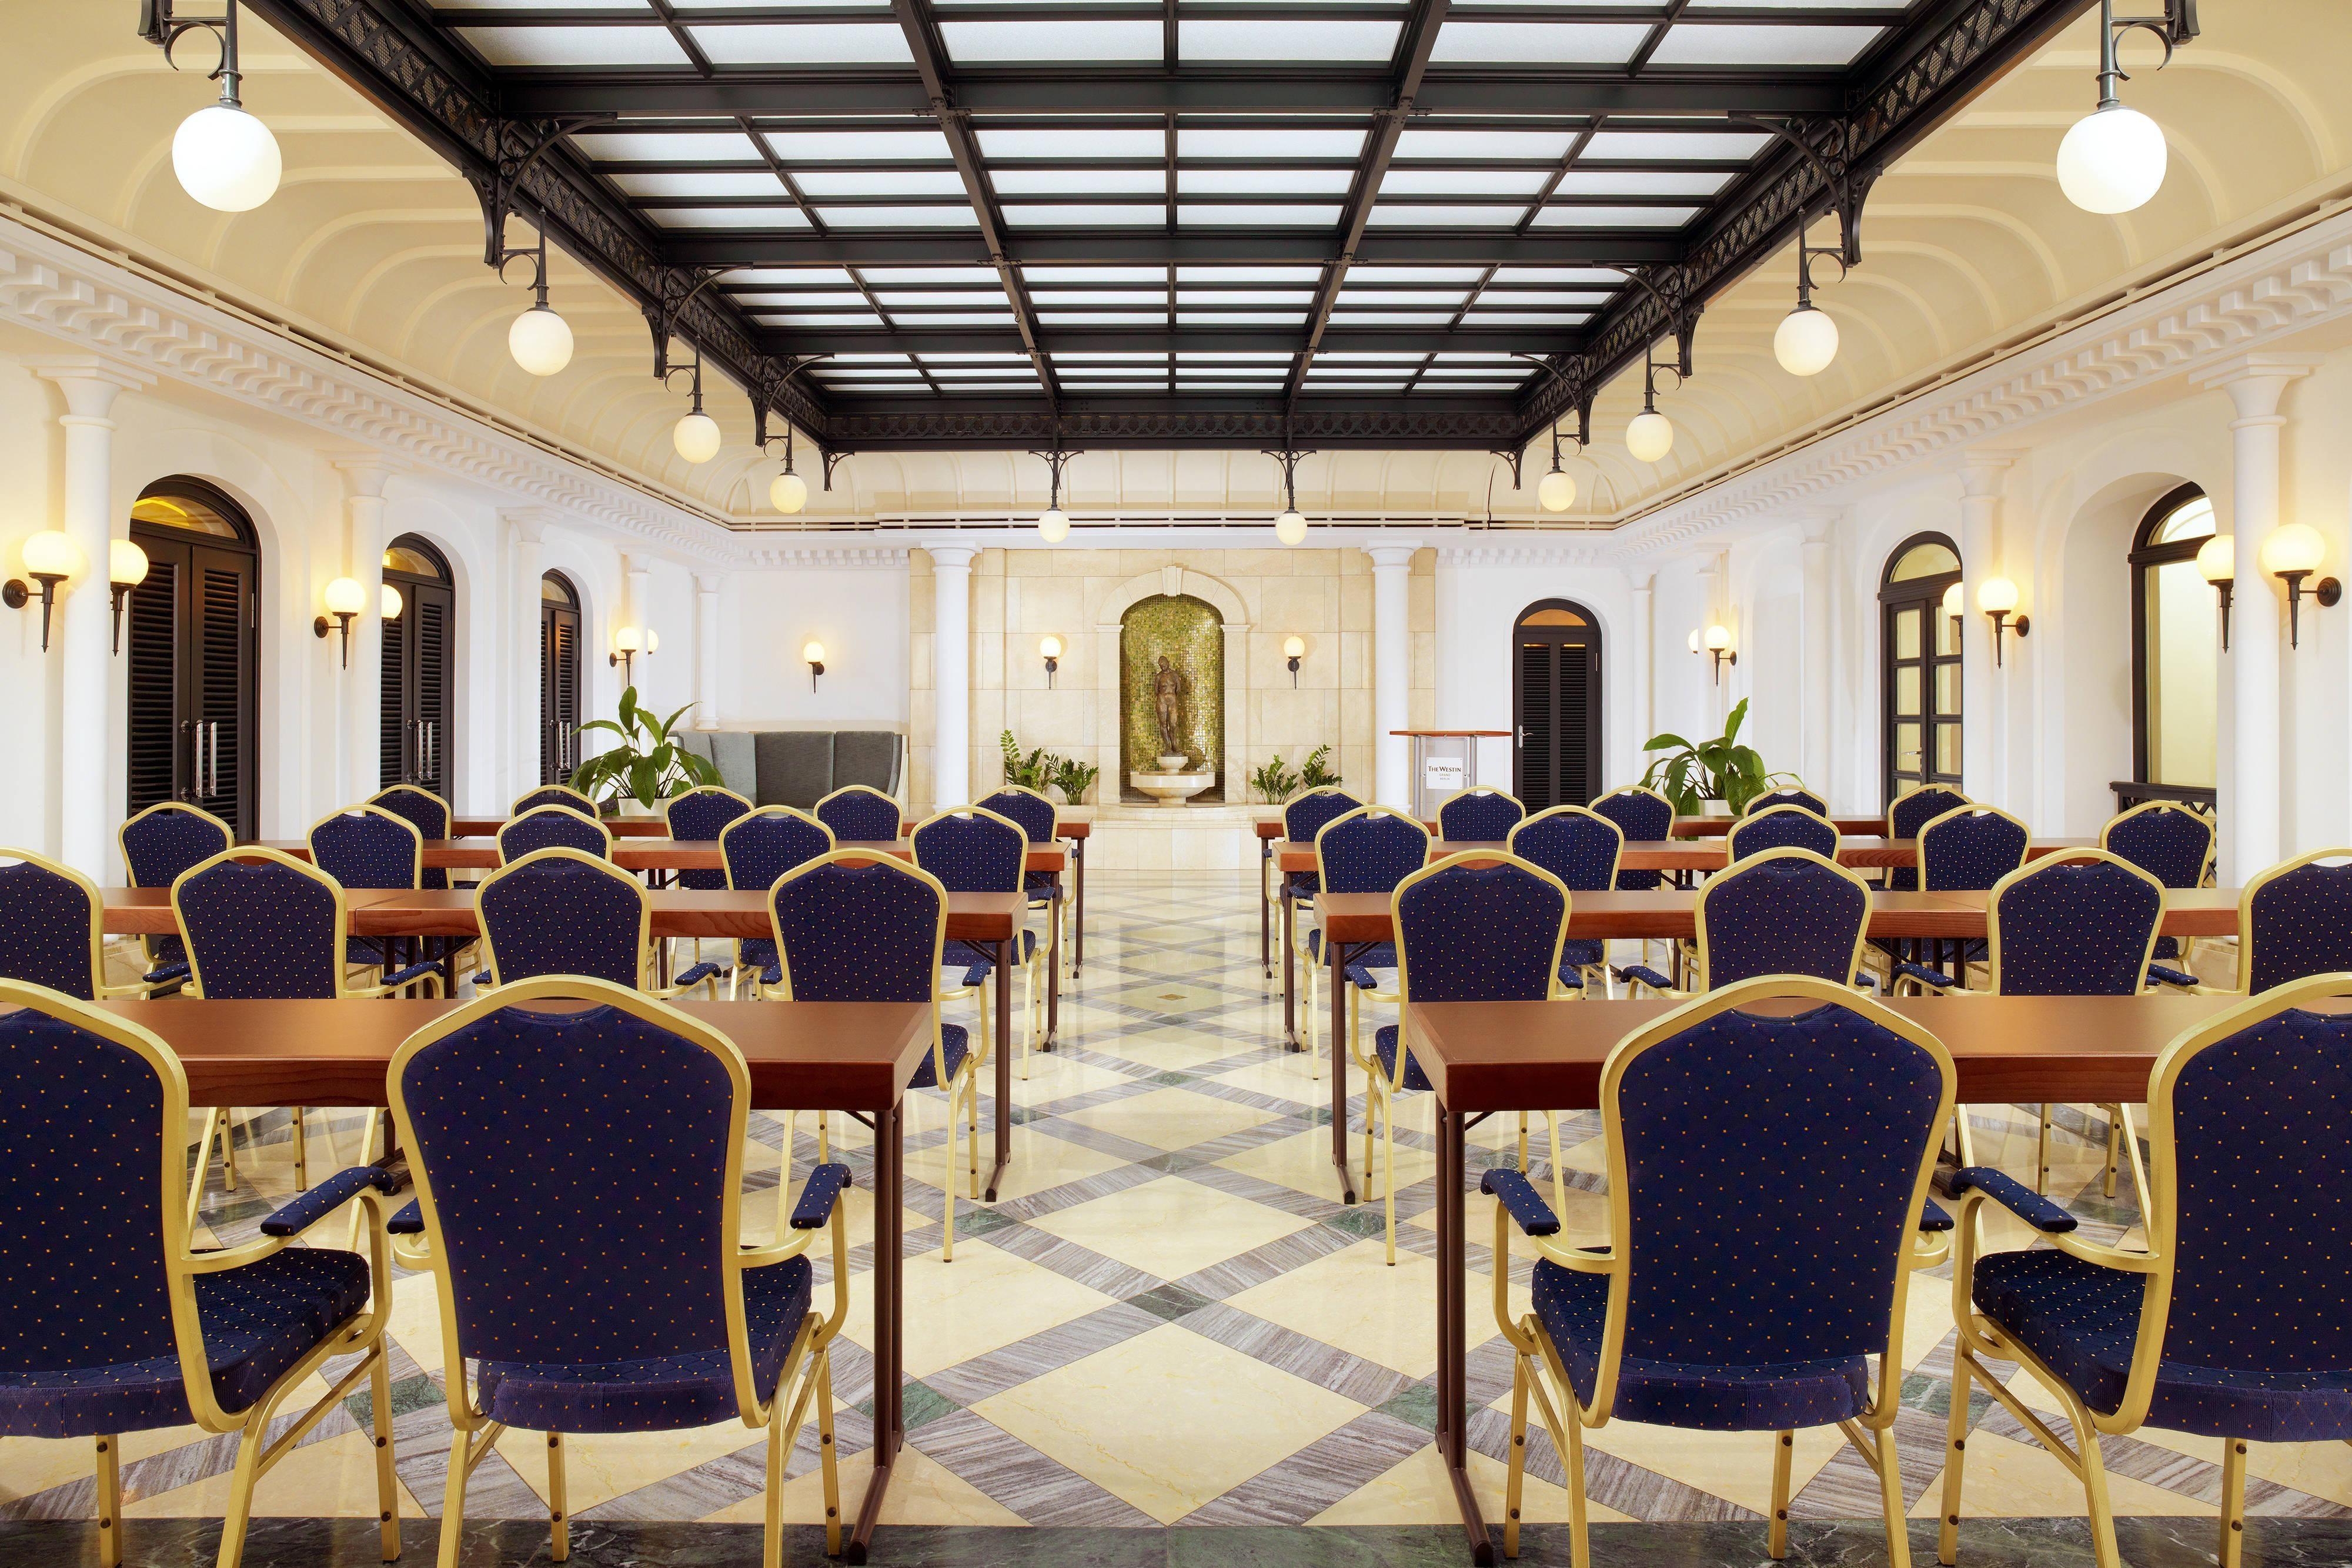 Wintergarten Meeting Room